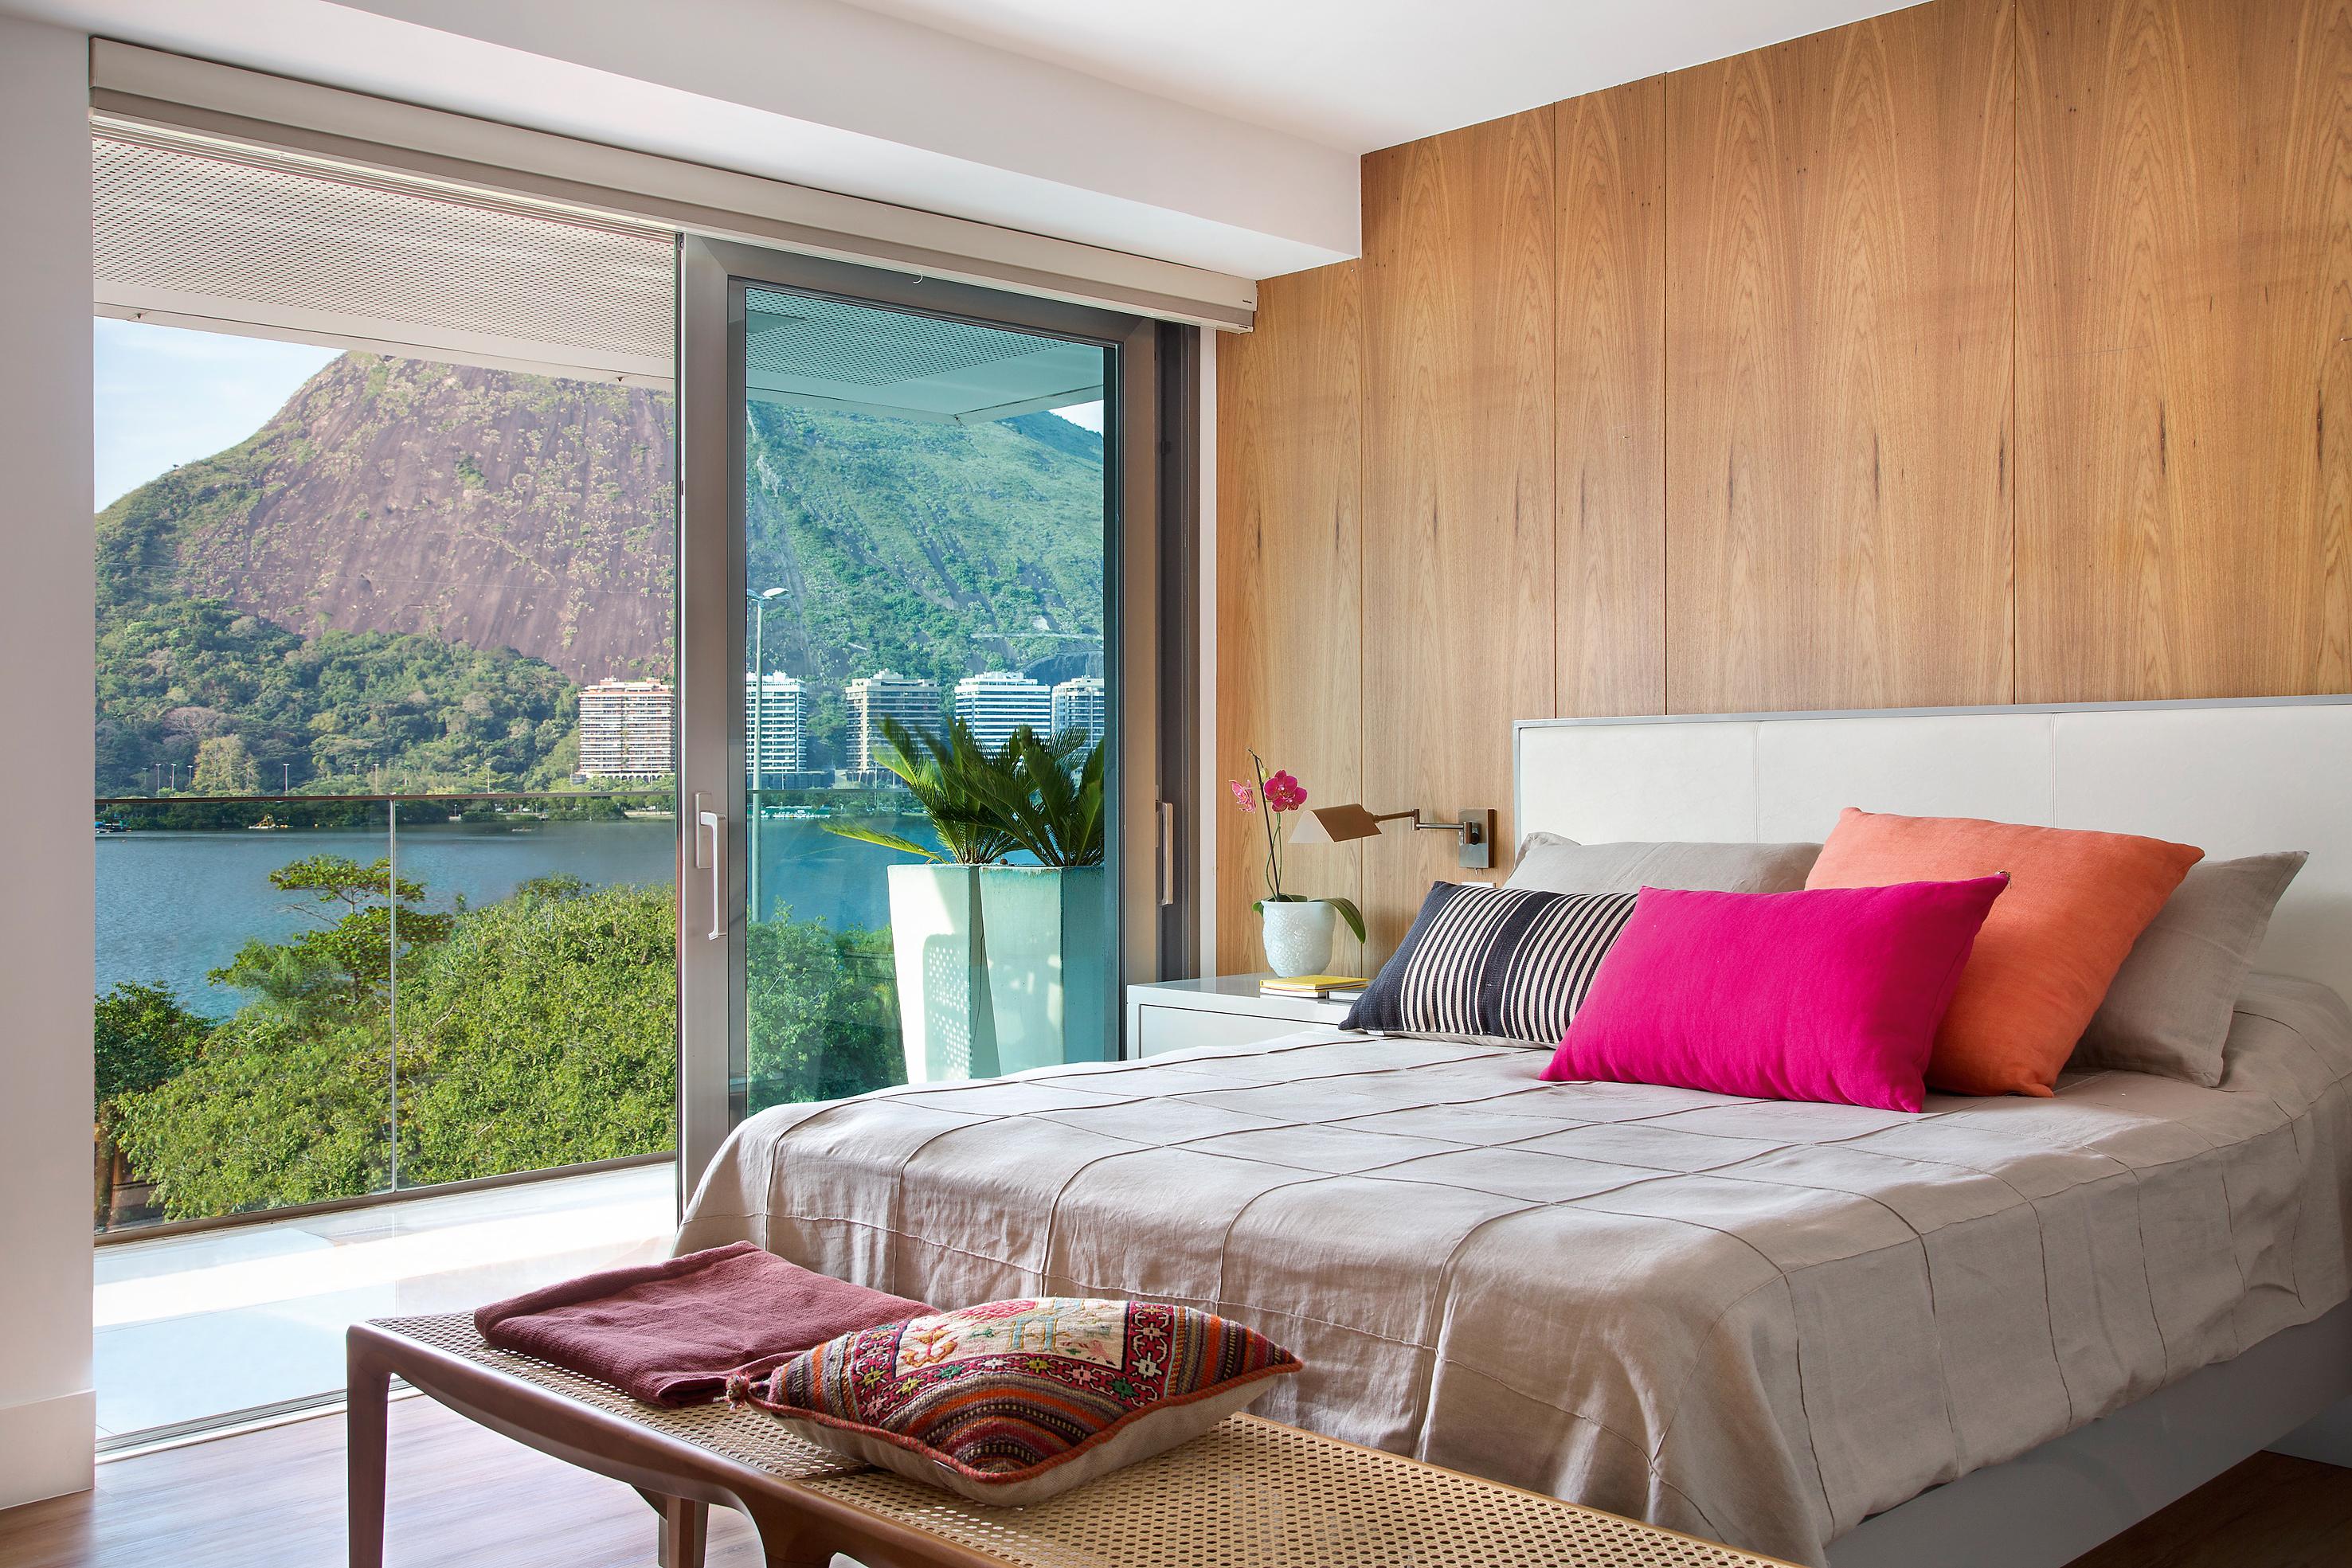 apartamento-na-lagoa-assinado-pela-designer-de-interiores-roberta-devisate